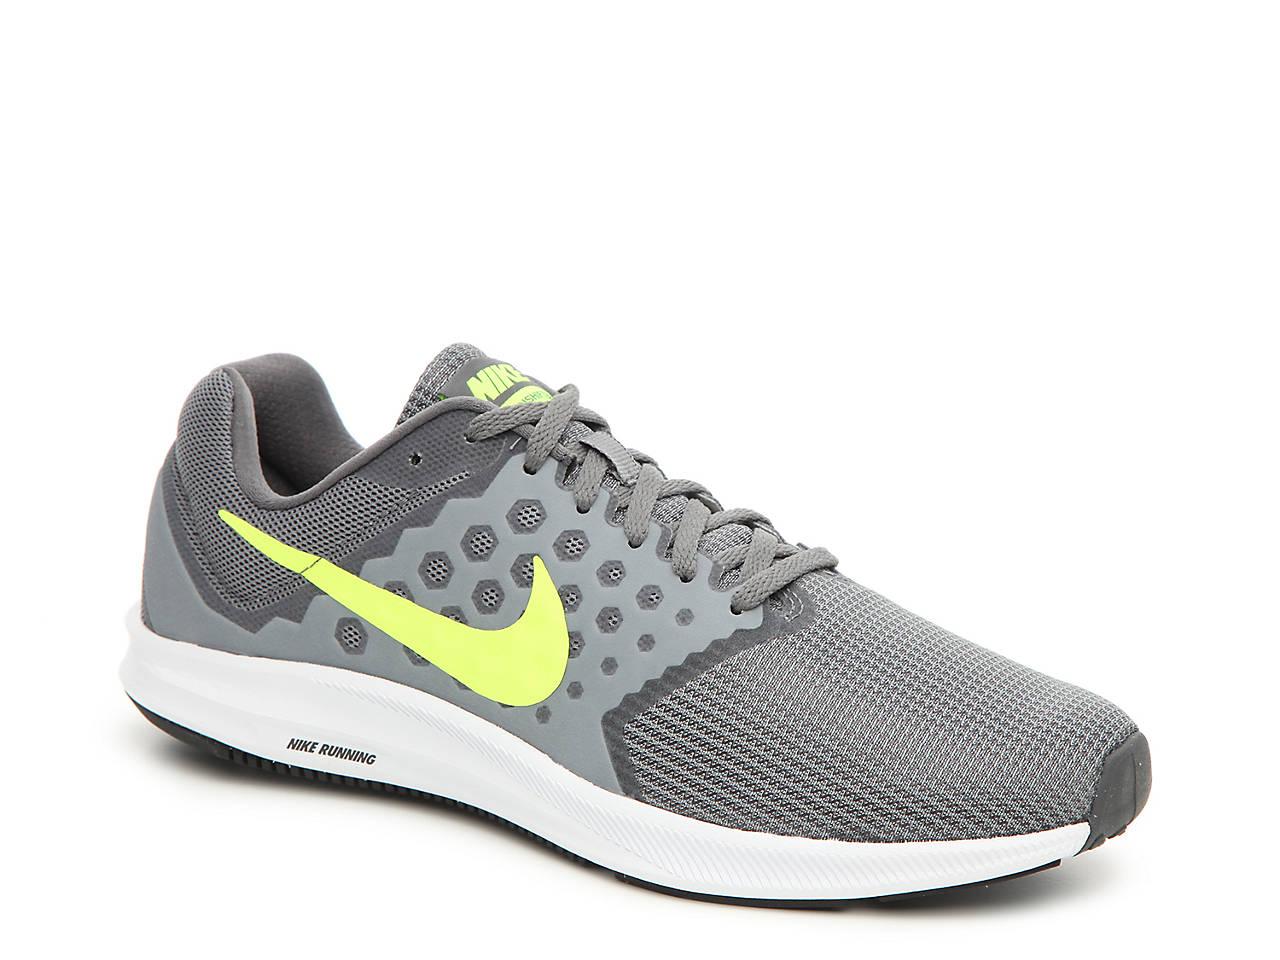 Downshifter 7 Lightweight Running Shoe - Men's